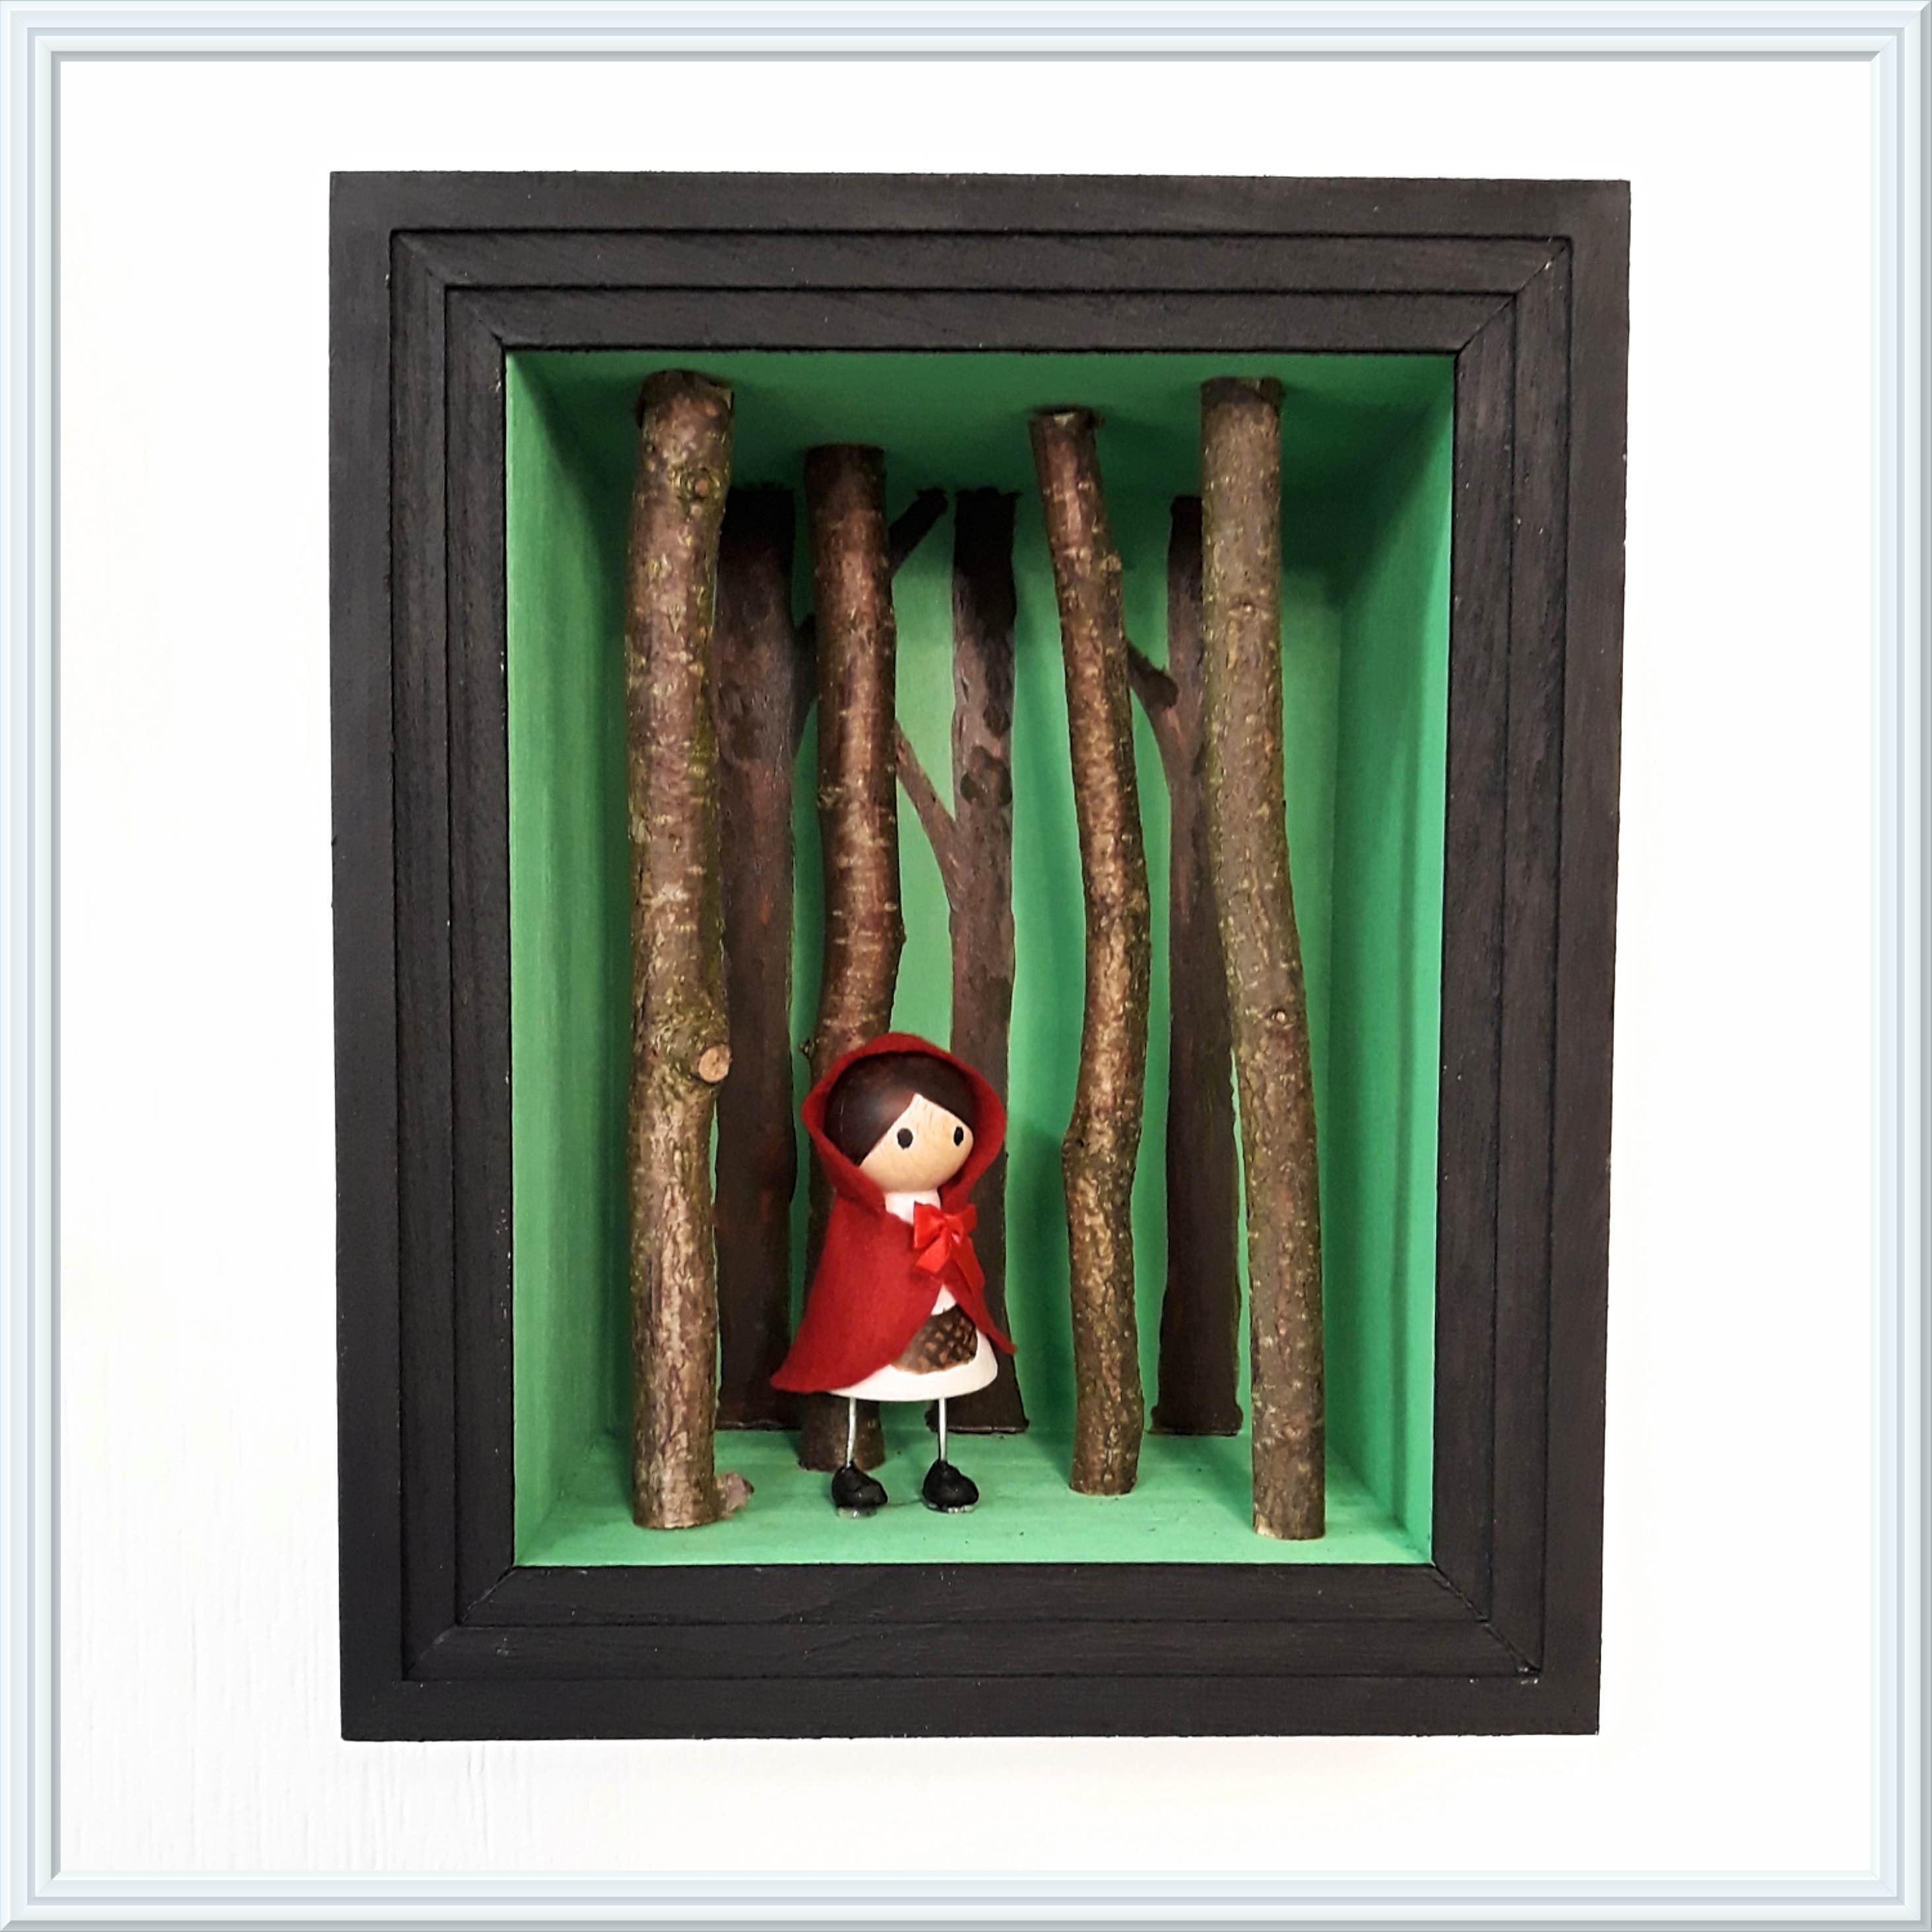 roodkapje kijkkastje, little red riding shadow box